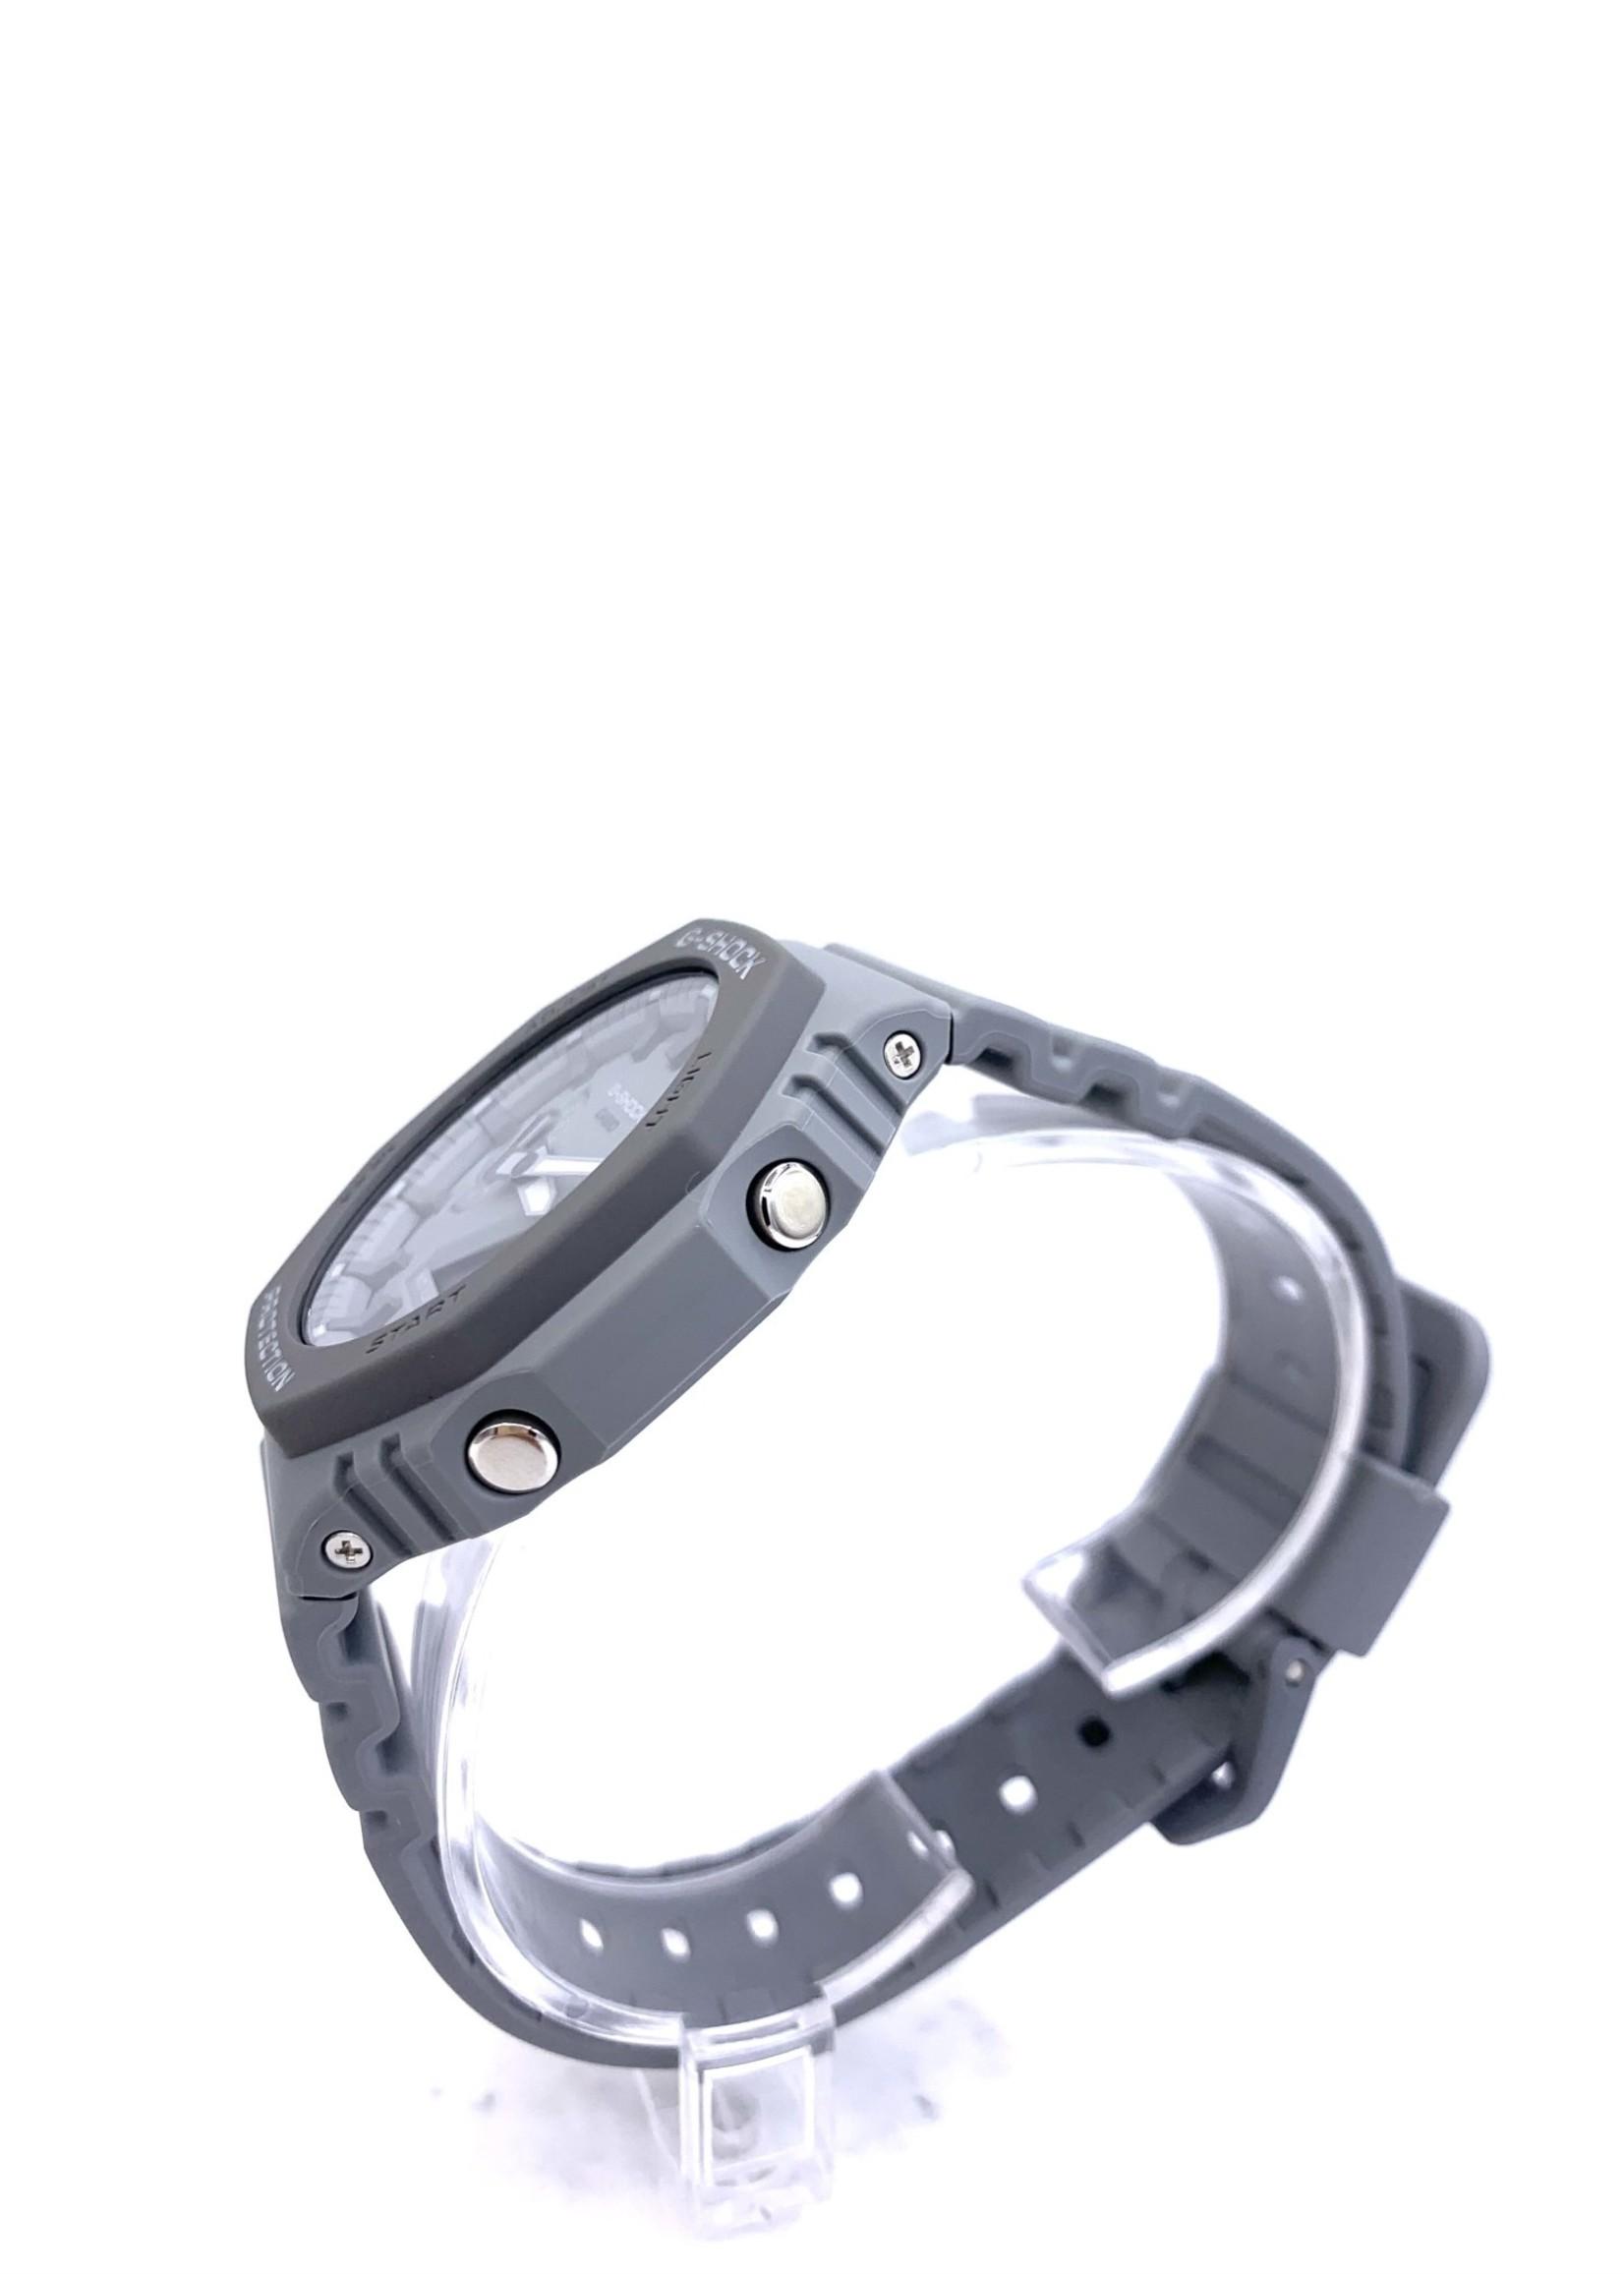 Special Edition Grey G-Shock Casio